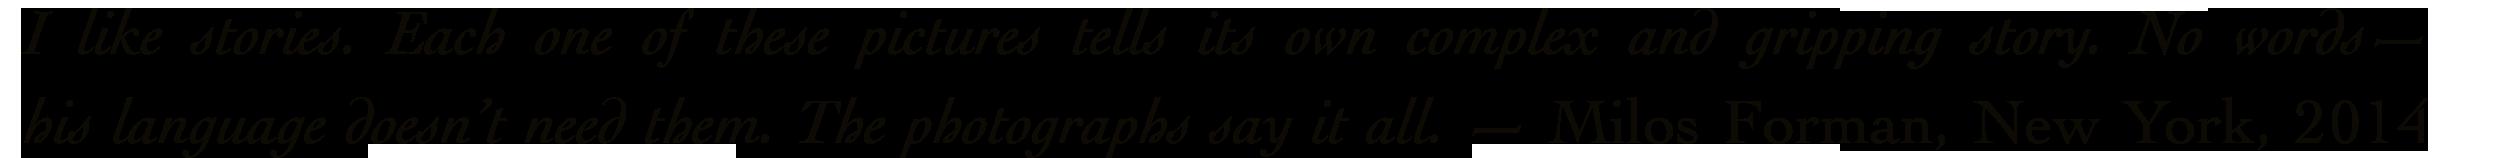 Milos Forman Quote